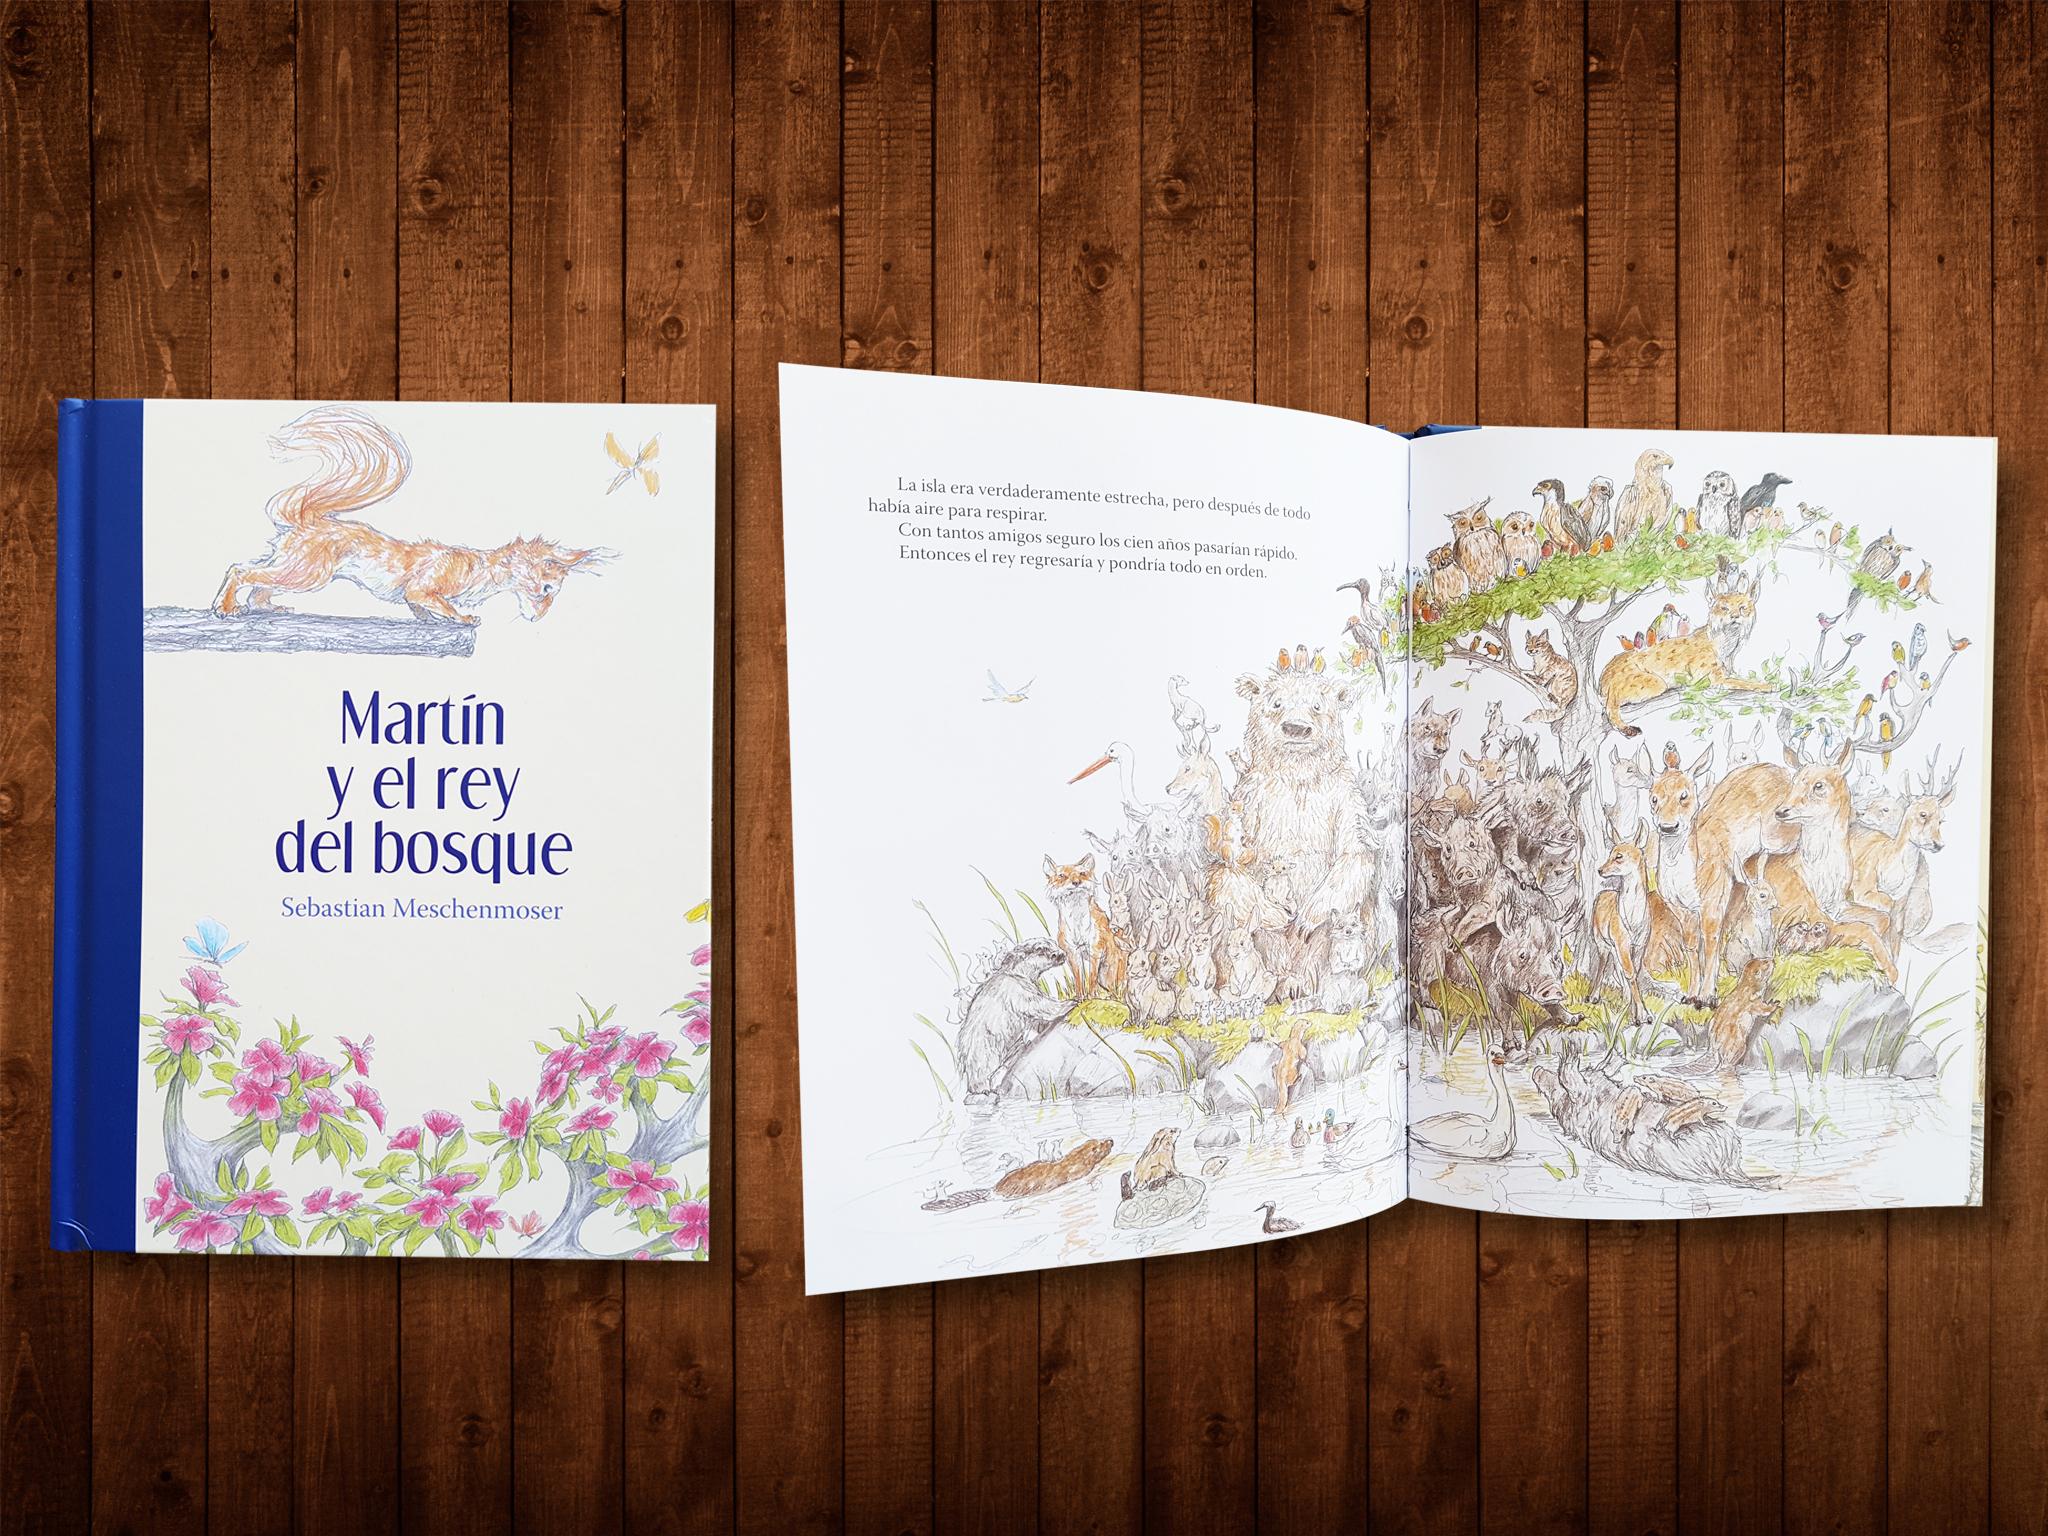 Martín y el rey del bosque